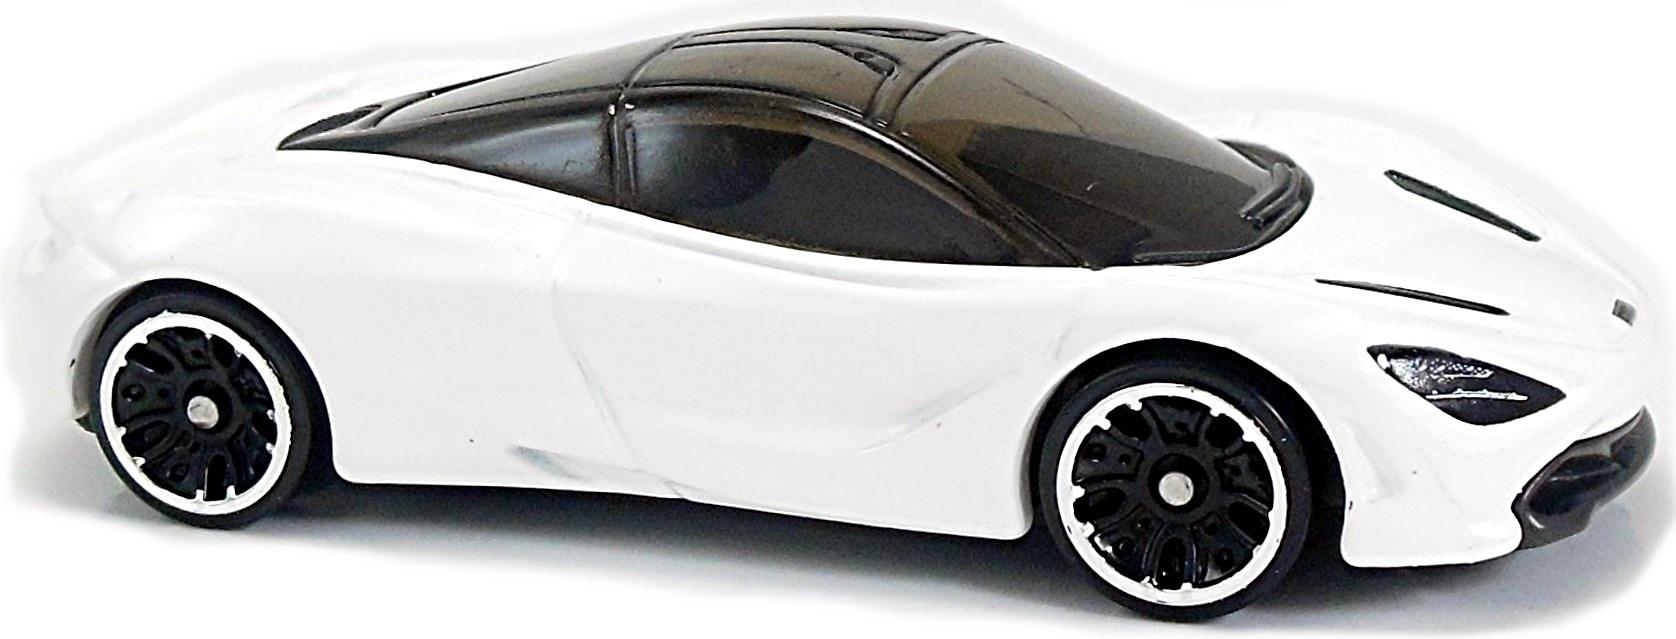 mclaren 720s 71mm 2018 hot wheels newsletter. Black Bedroom Furniture Sets. Home Design Ideas